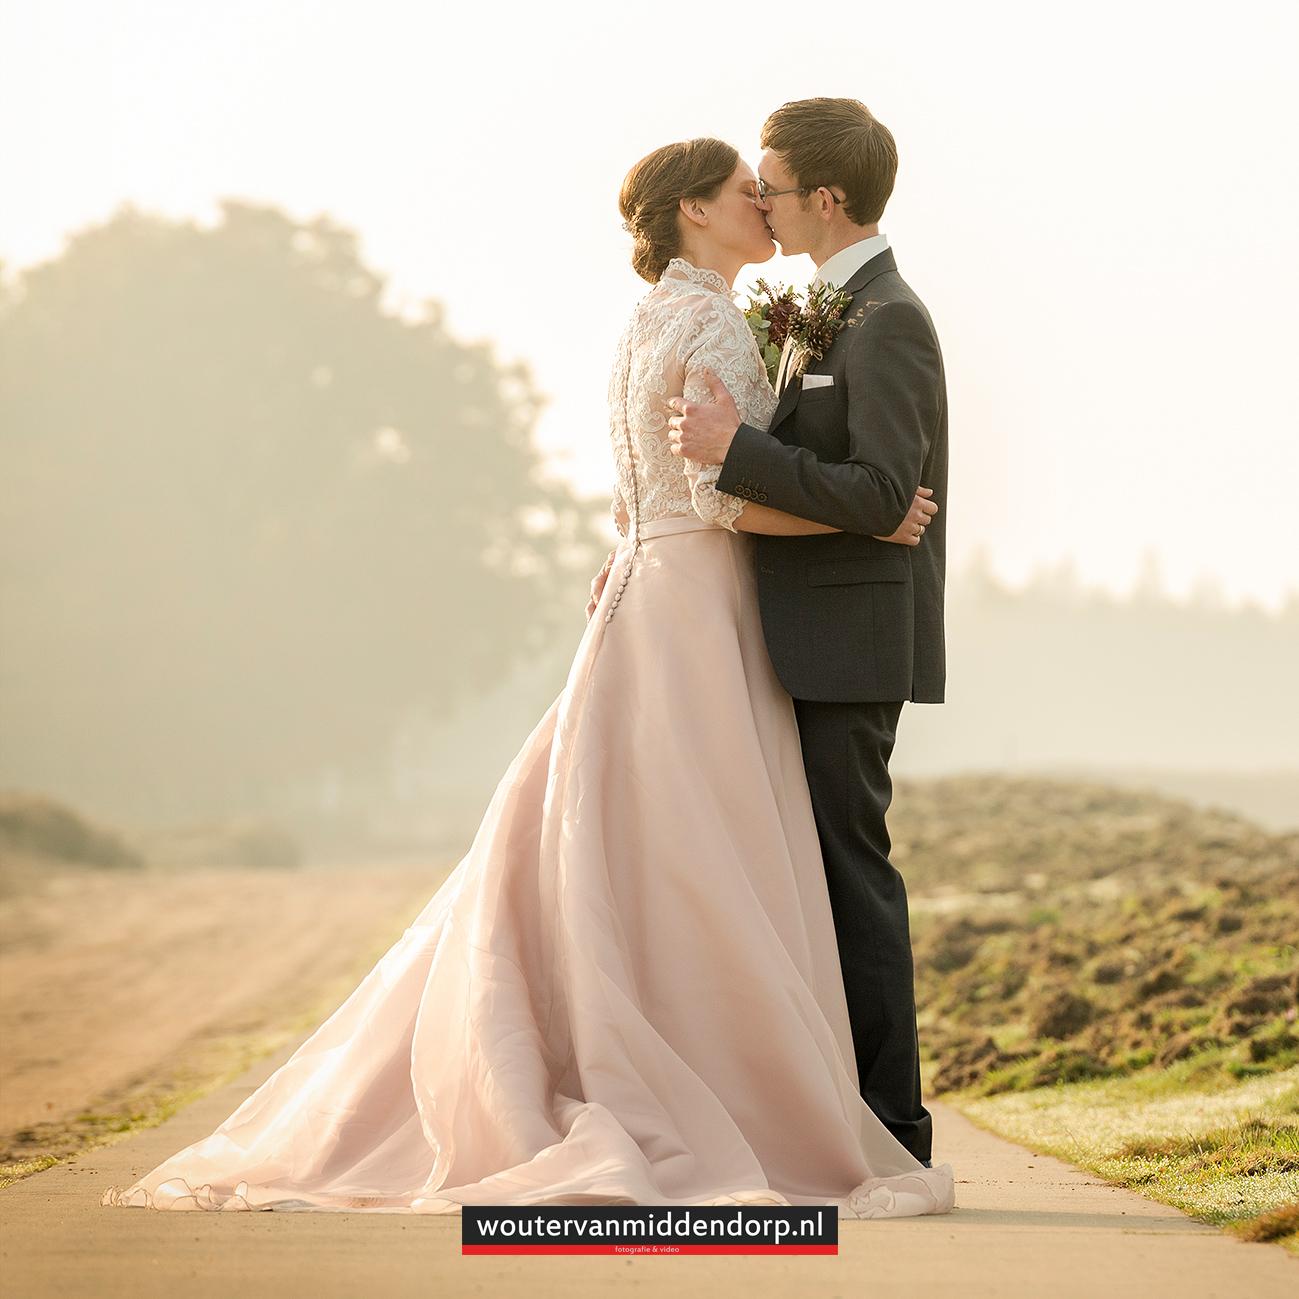 bruidfotografie wouter van Middendorp omgeving Ede, Lunteren, Hendrik Ido Ambacht, Uddel 03